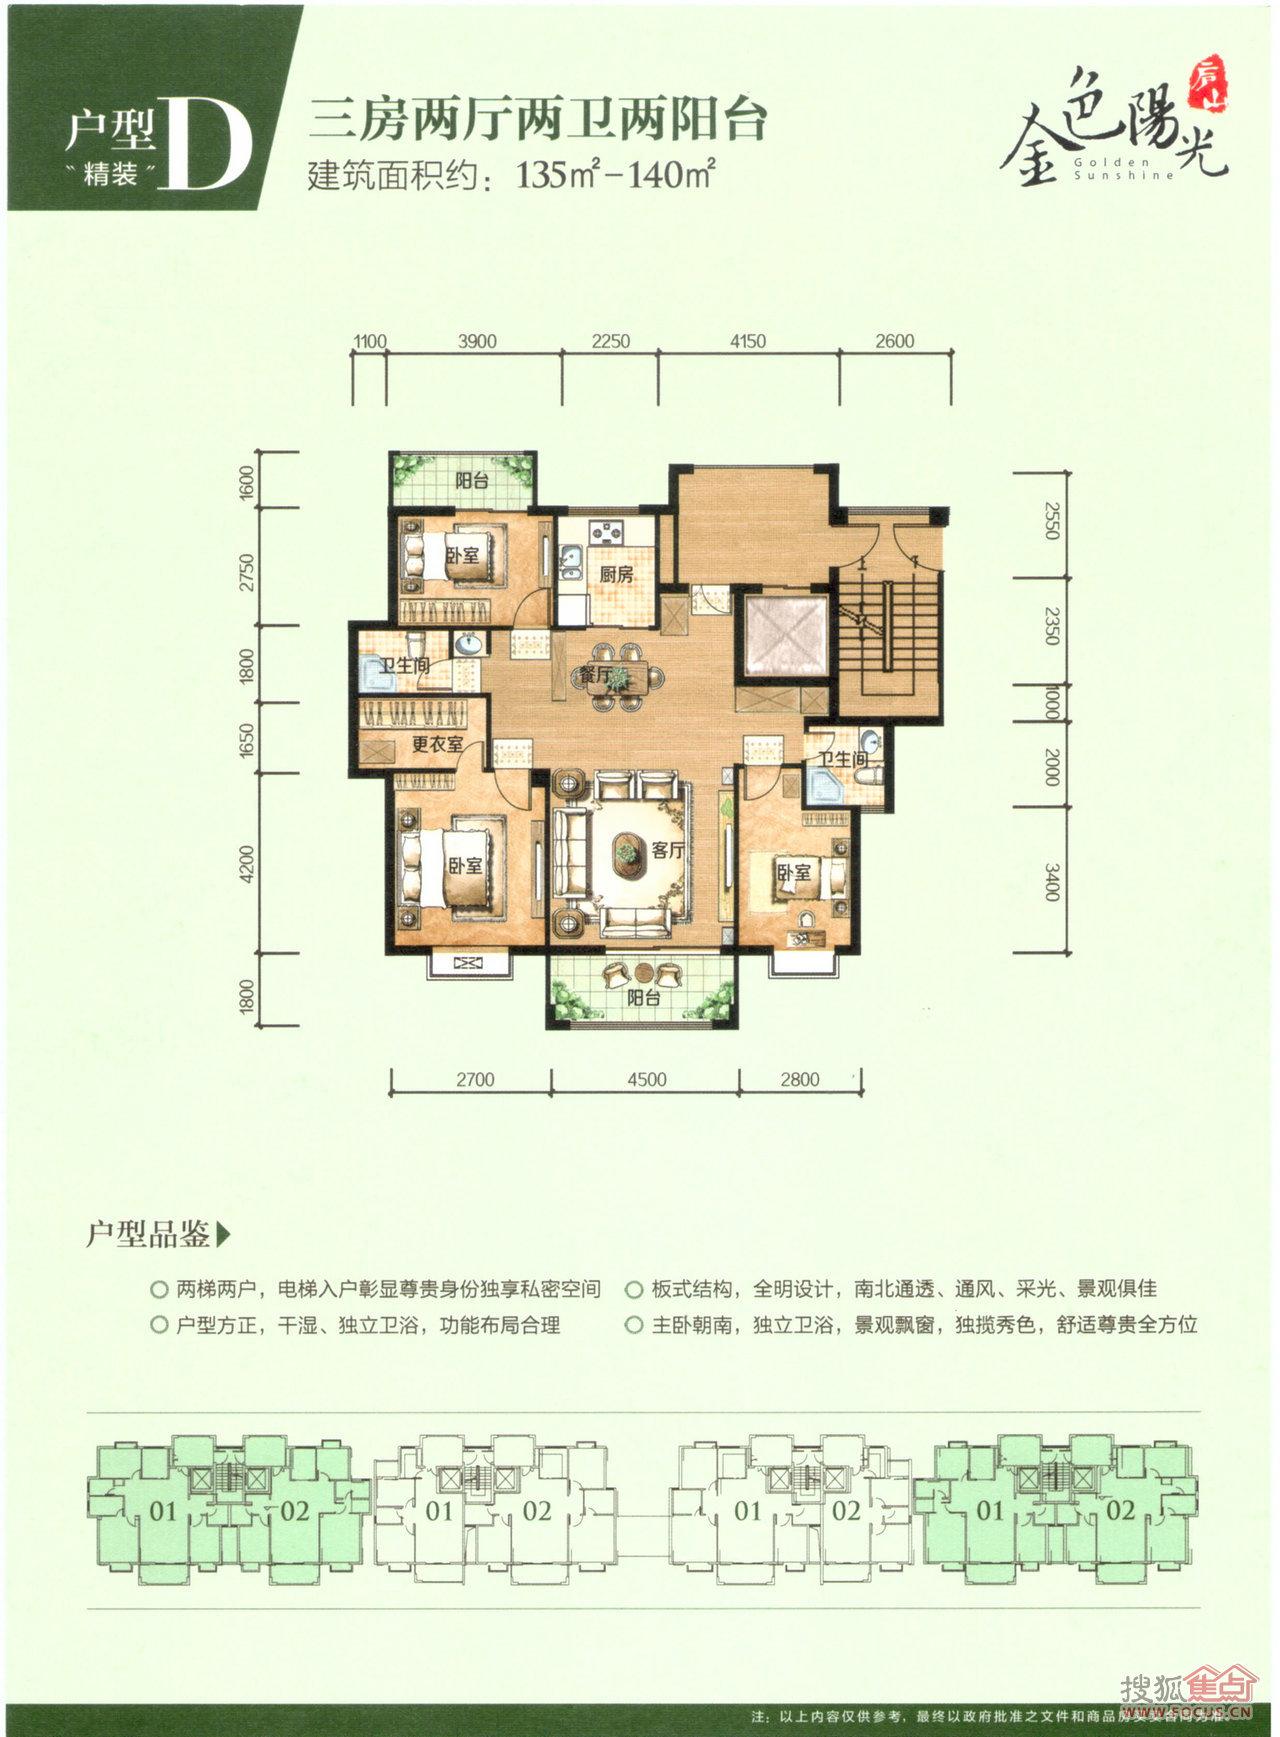 金色阳光图片-金色阳光户型图-厦门搜狐焦点网;